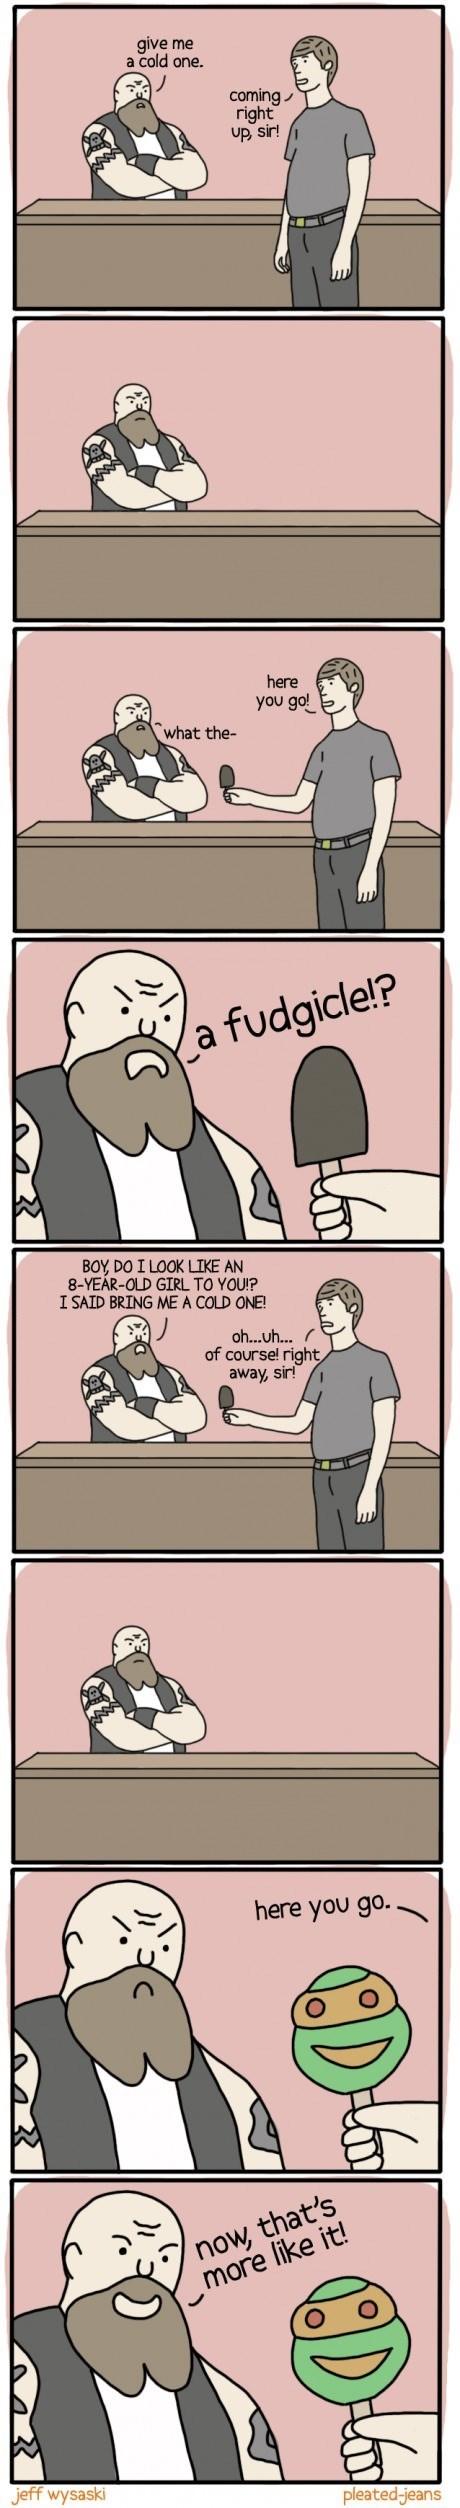 ice cream web comics - 8166793472